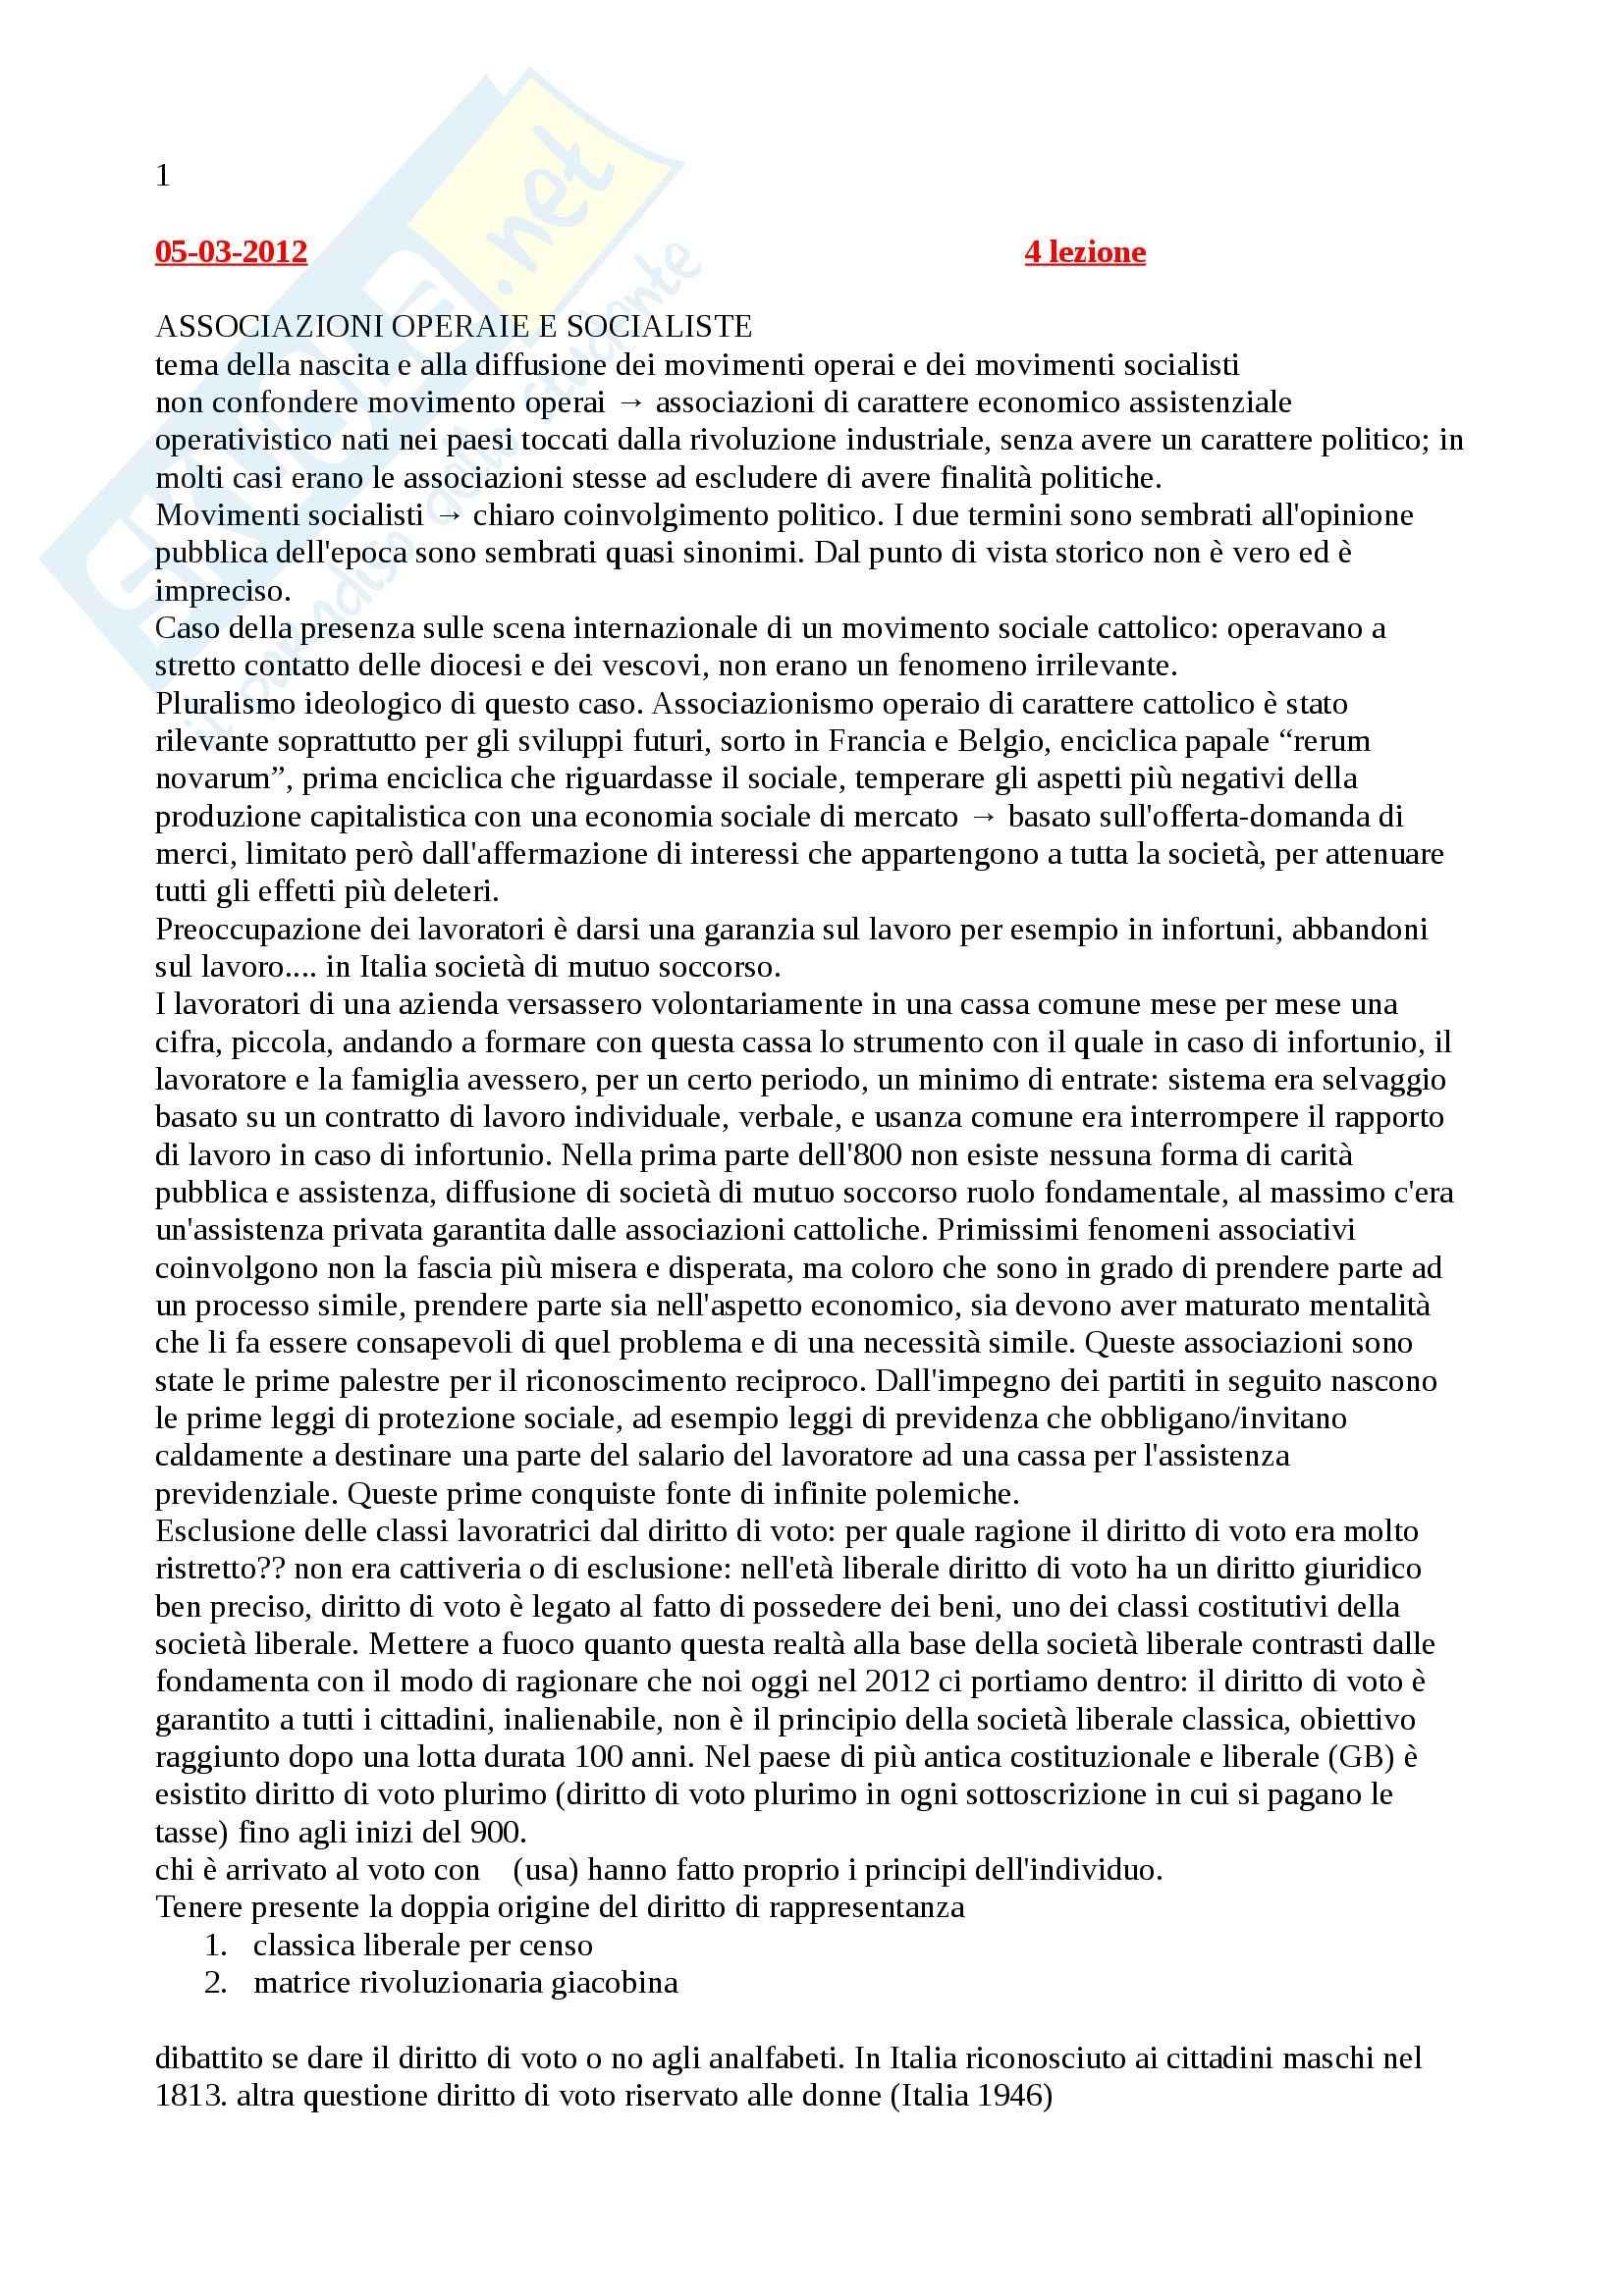 Storia contemporanea - Appunti